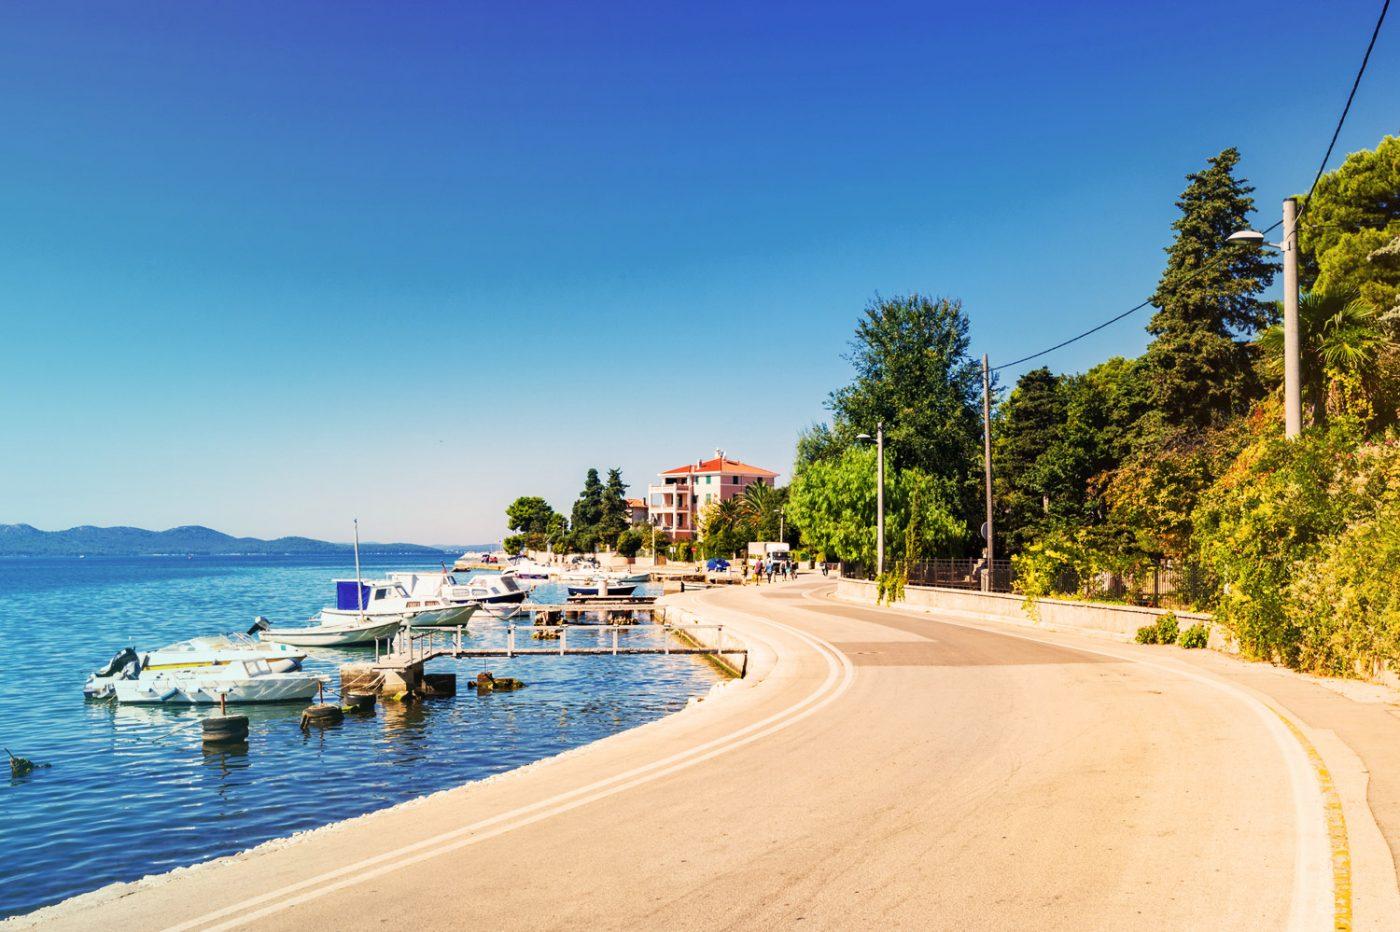 Eine Straße in Zadar, die direkt am Wasser gelegen ist.